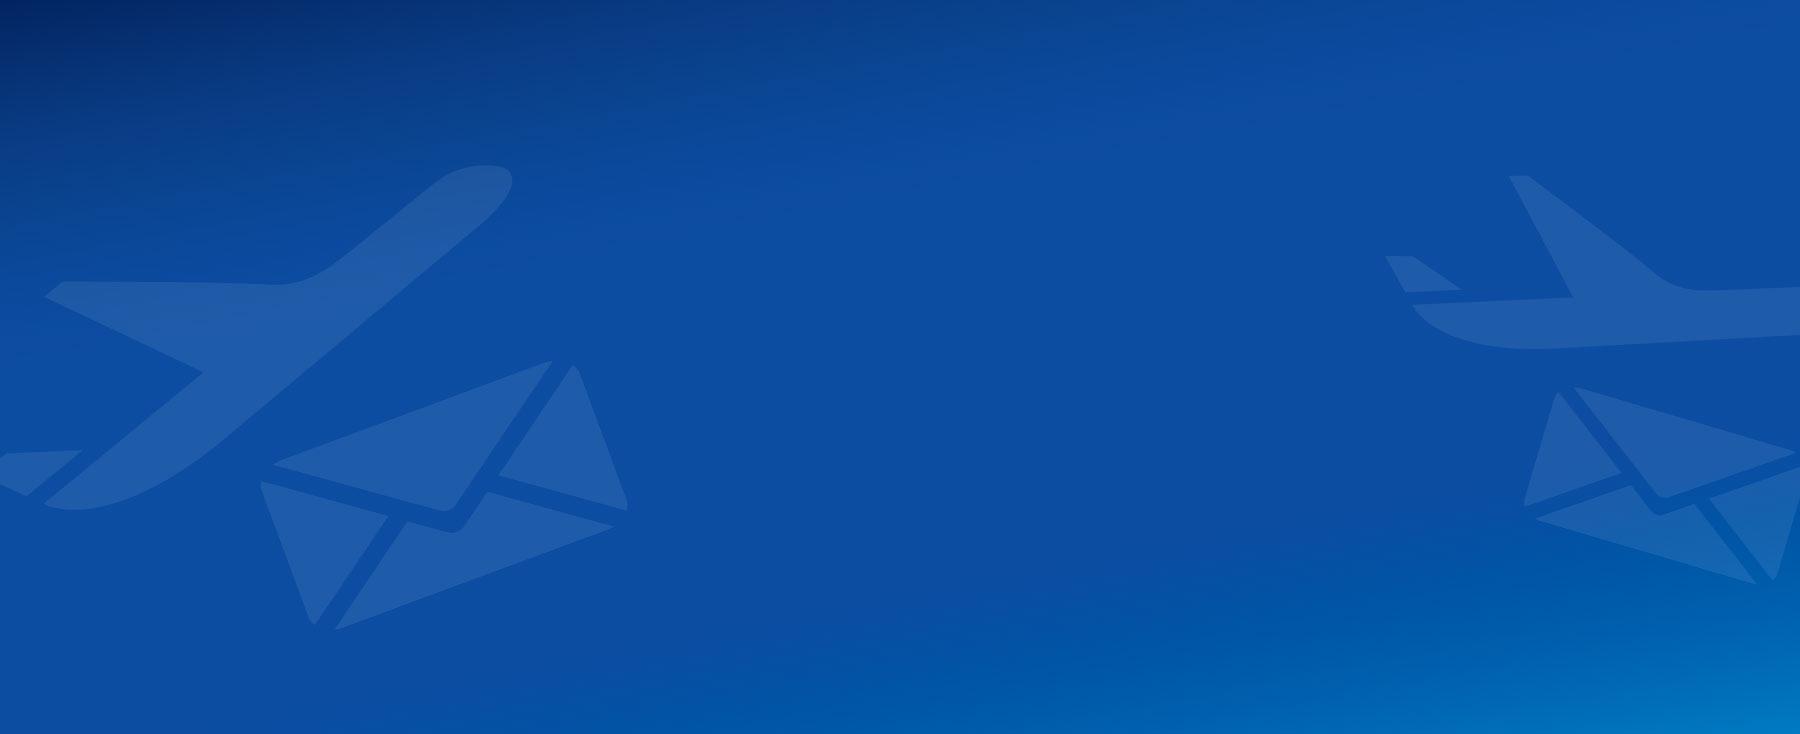 bg_mail